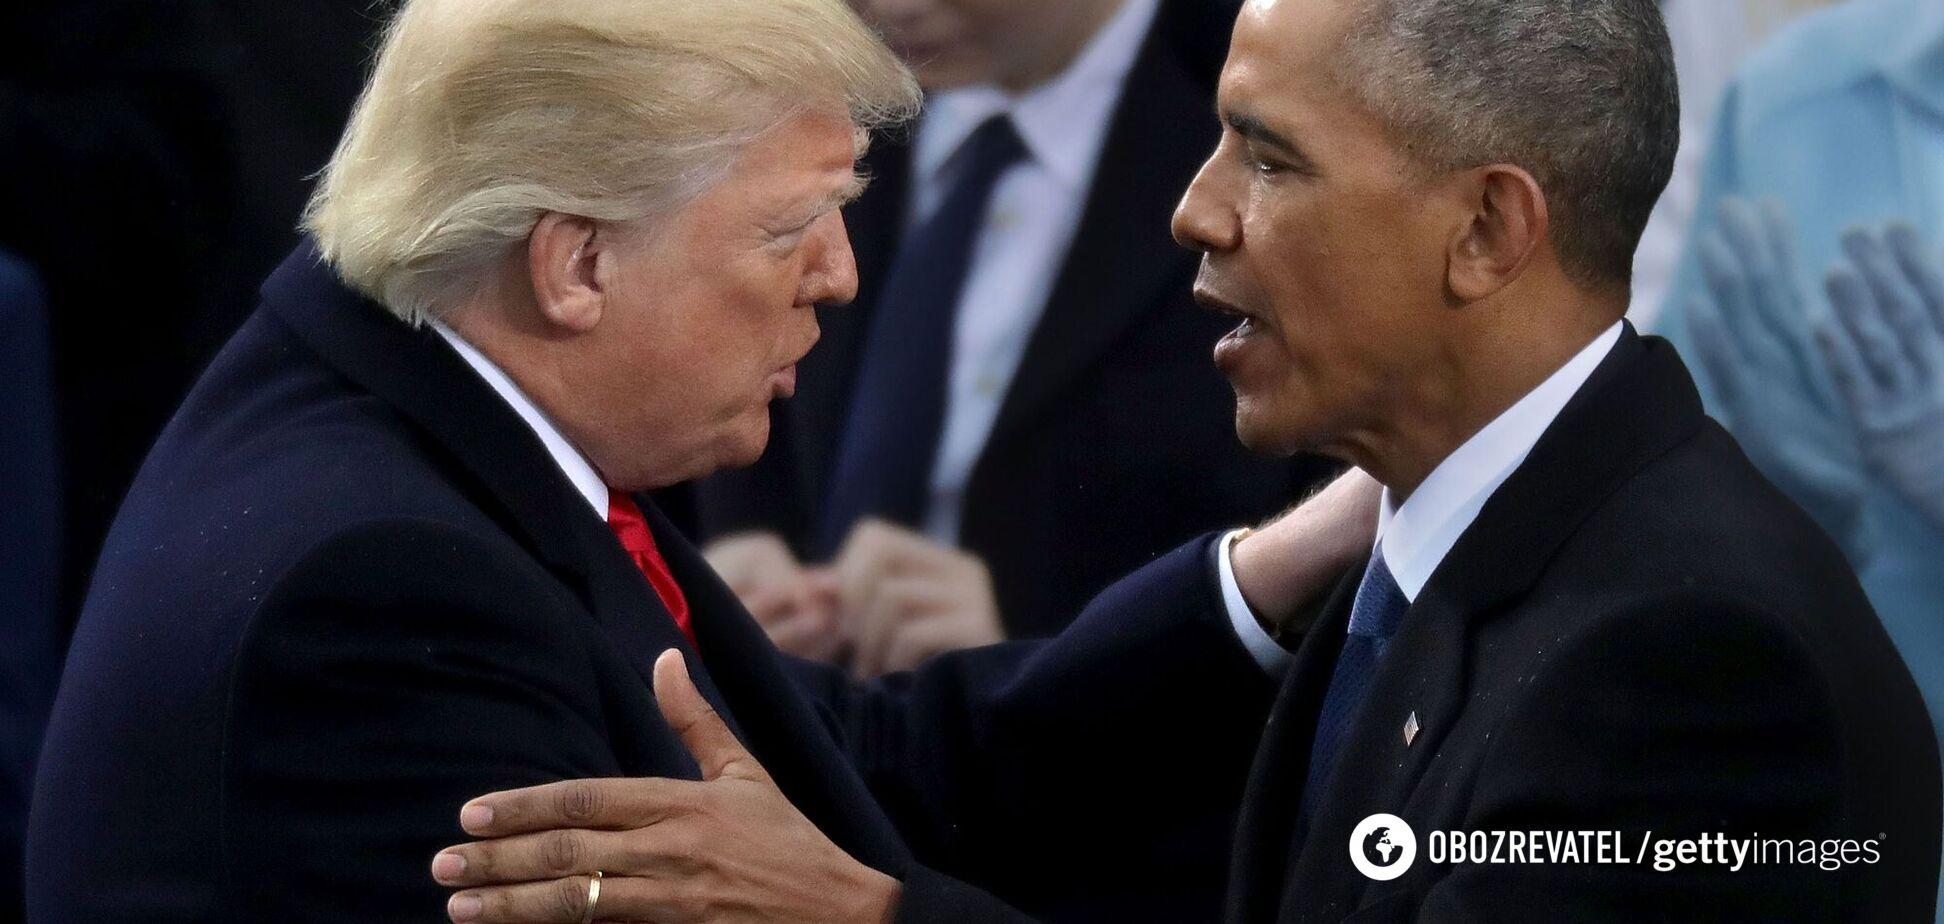 Обама висміяв Трампа через несплату податків